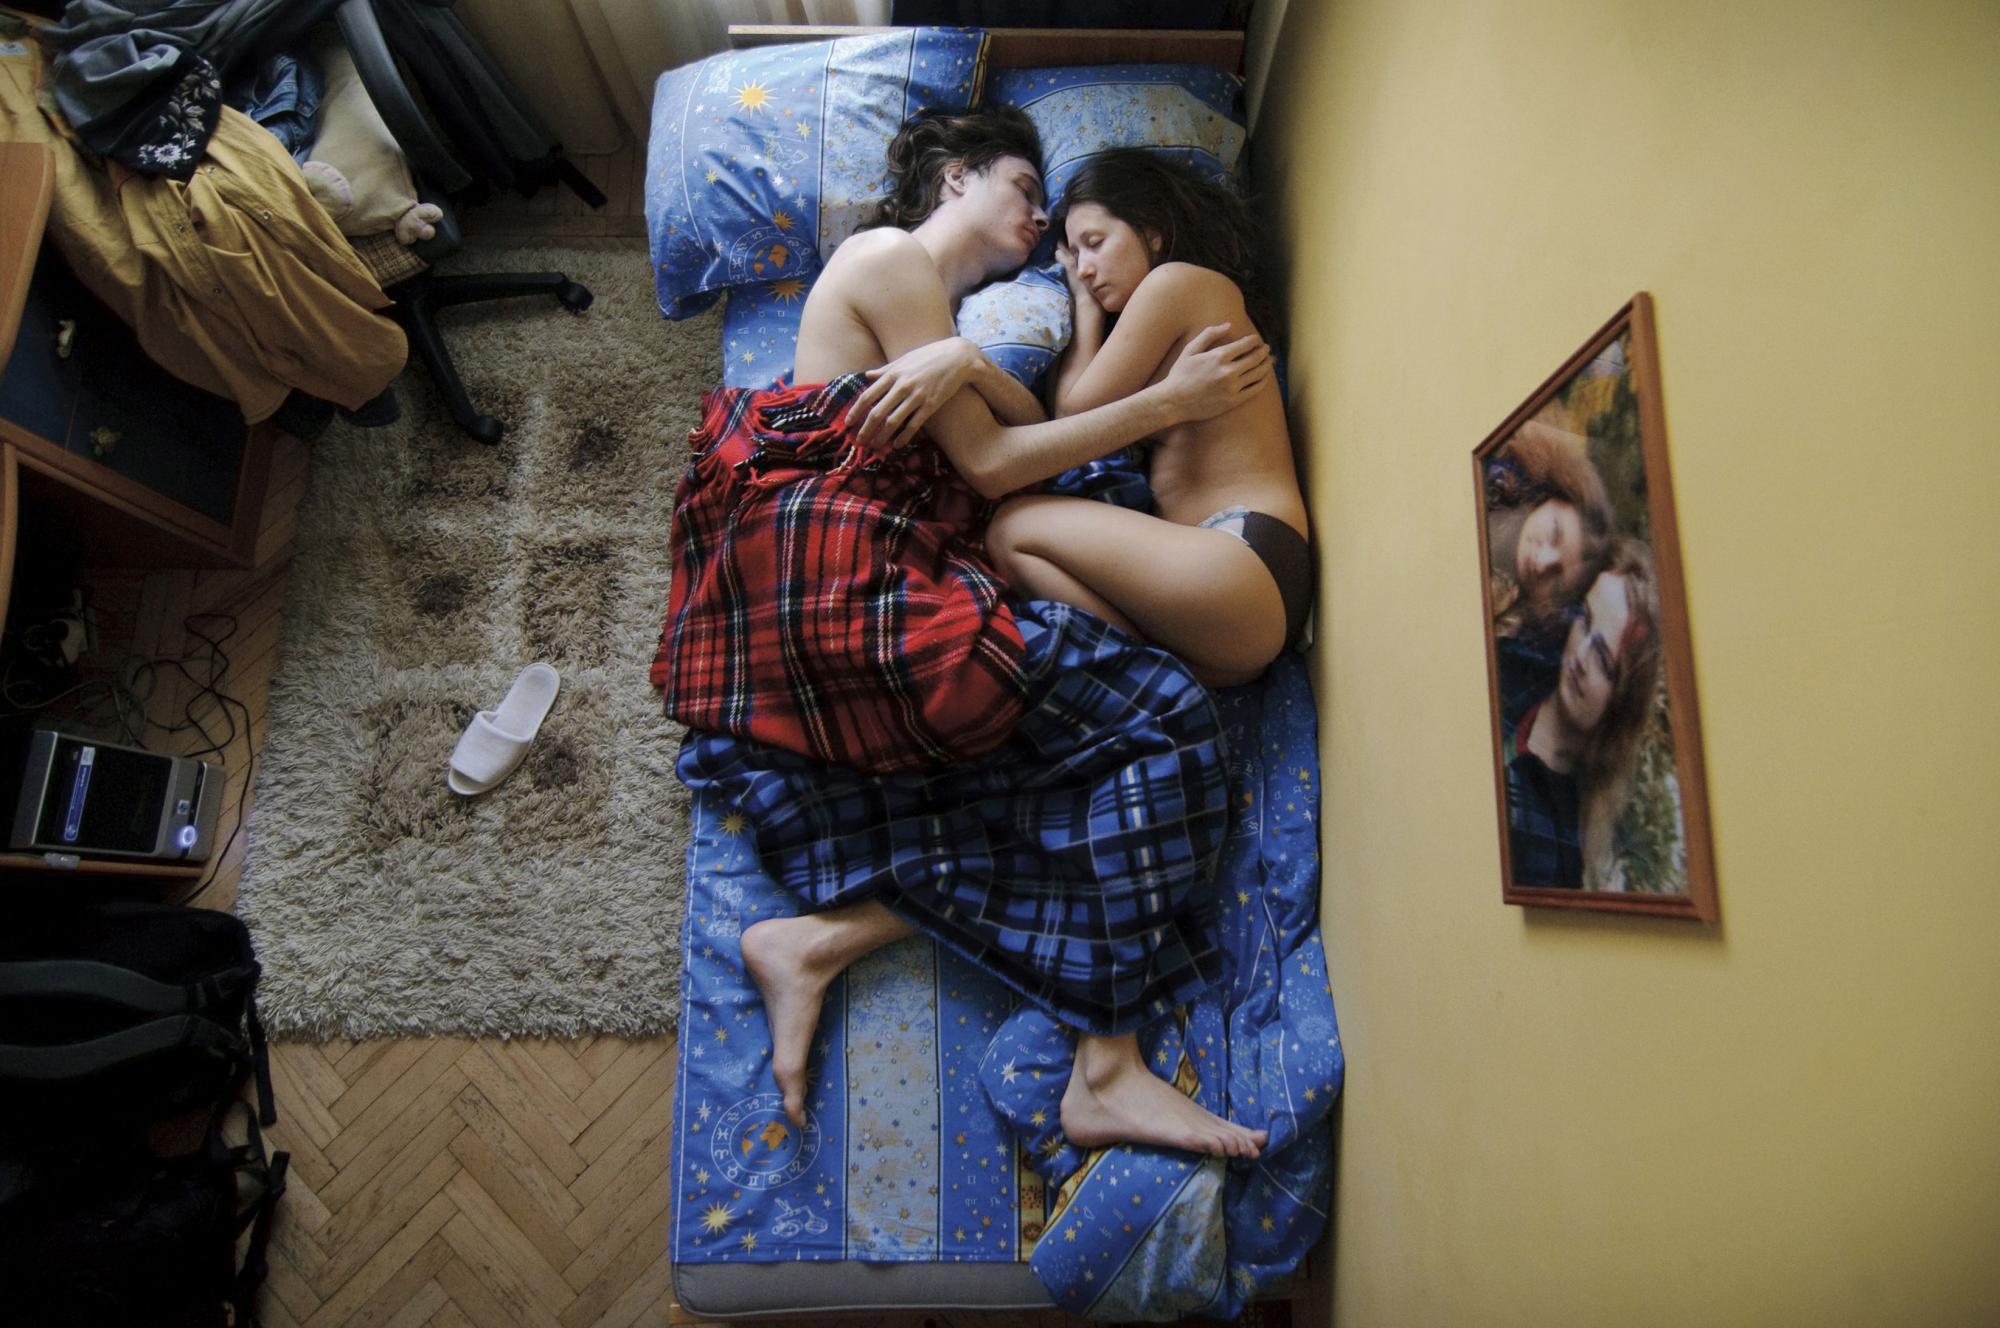 С женой остались ночевать в гостях 27 фотография